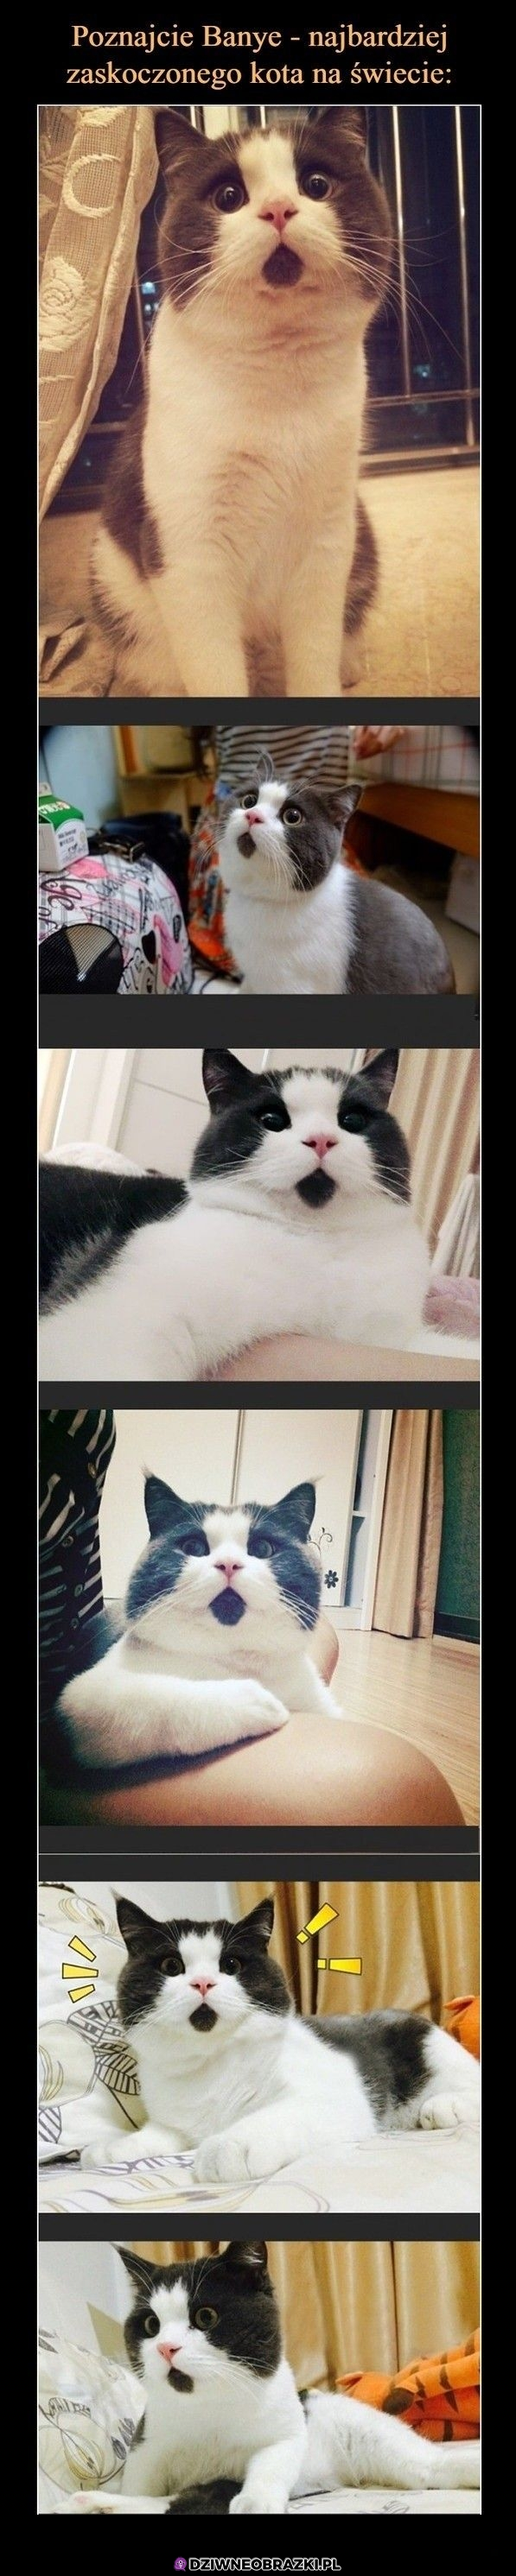 Zaskoczony koteł